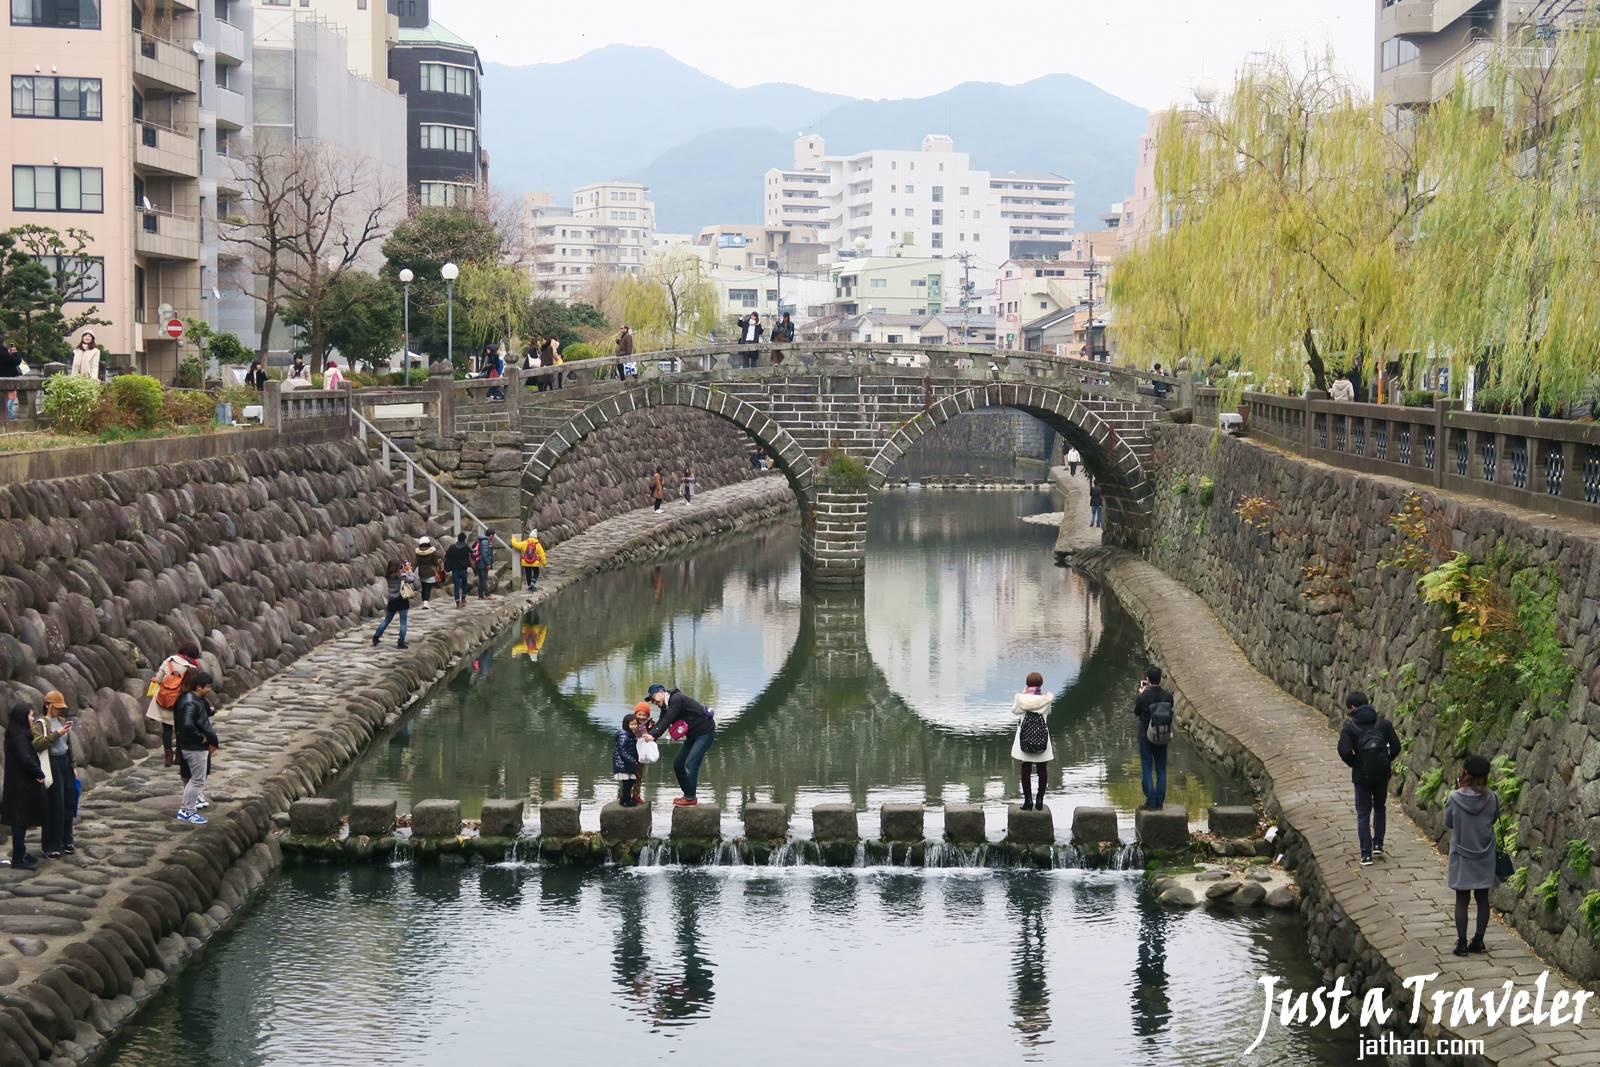 長崎-景點-推薦-眼鏡橋-長崎必玩景點-長崎必去景點-長崎好玩景點-市區-攻略-長崎自由行景點-長崎旅遊景點-長崎觀光景點-長崎行程-長崎旅行-日本-Nagasaki-Tourist-Attraction